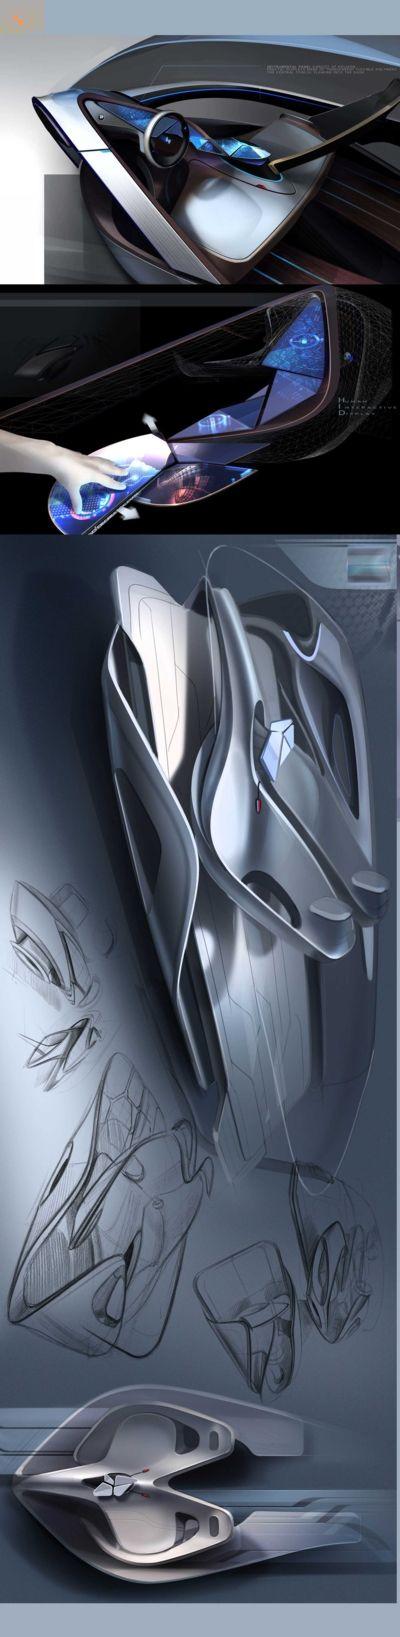 http://www.cardesignnews.com/site/designers/portfolios/display/item153610/